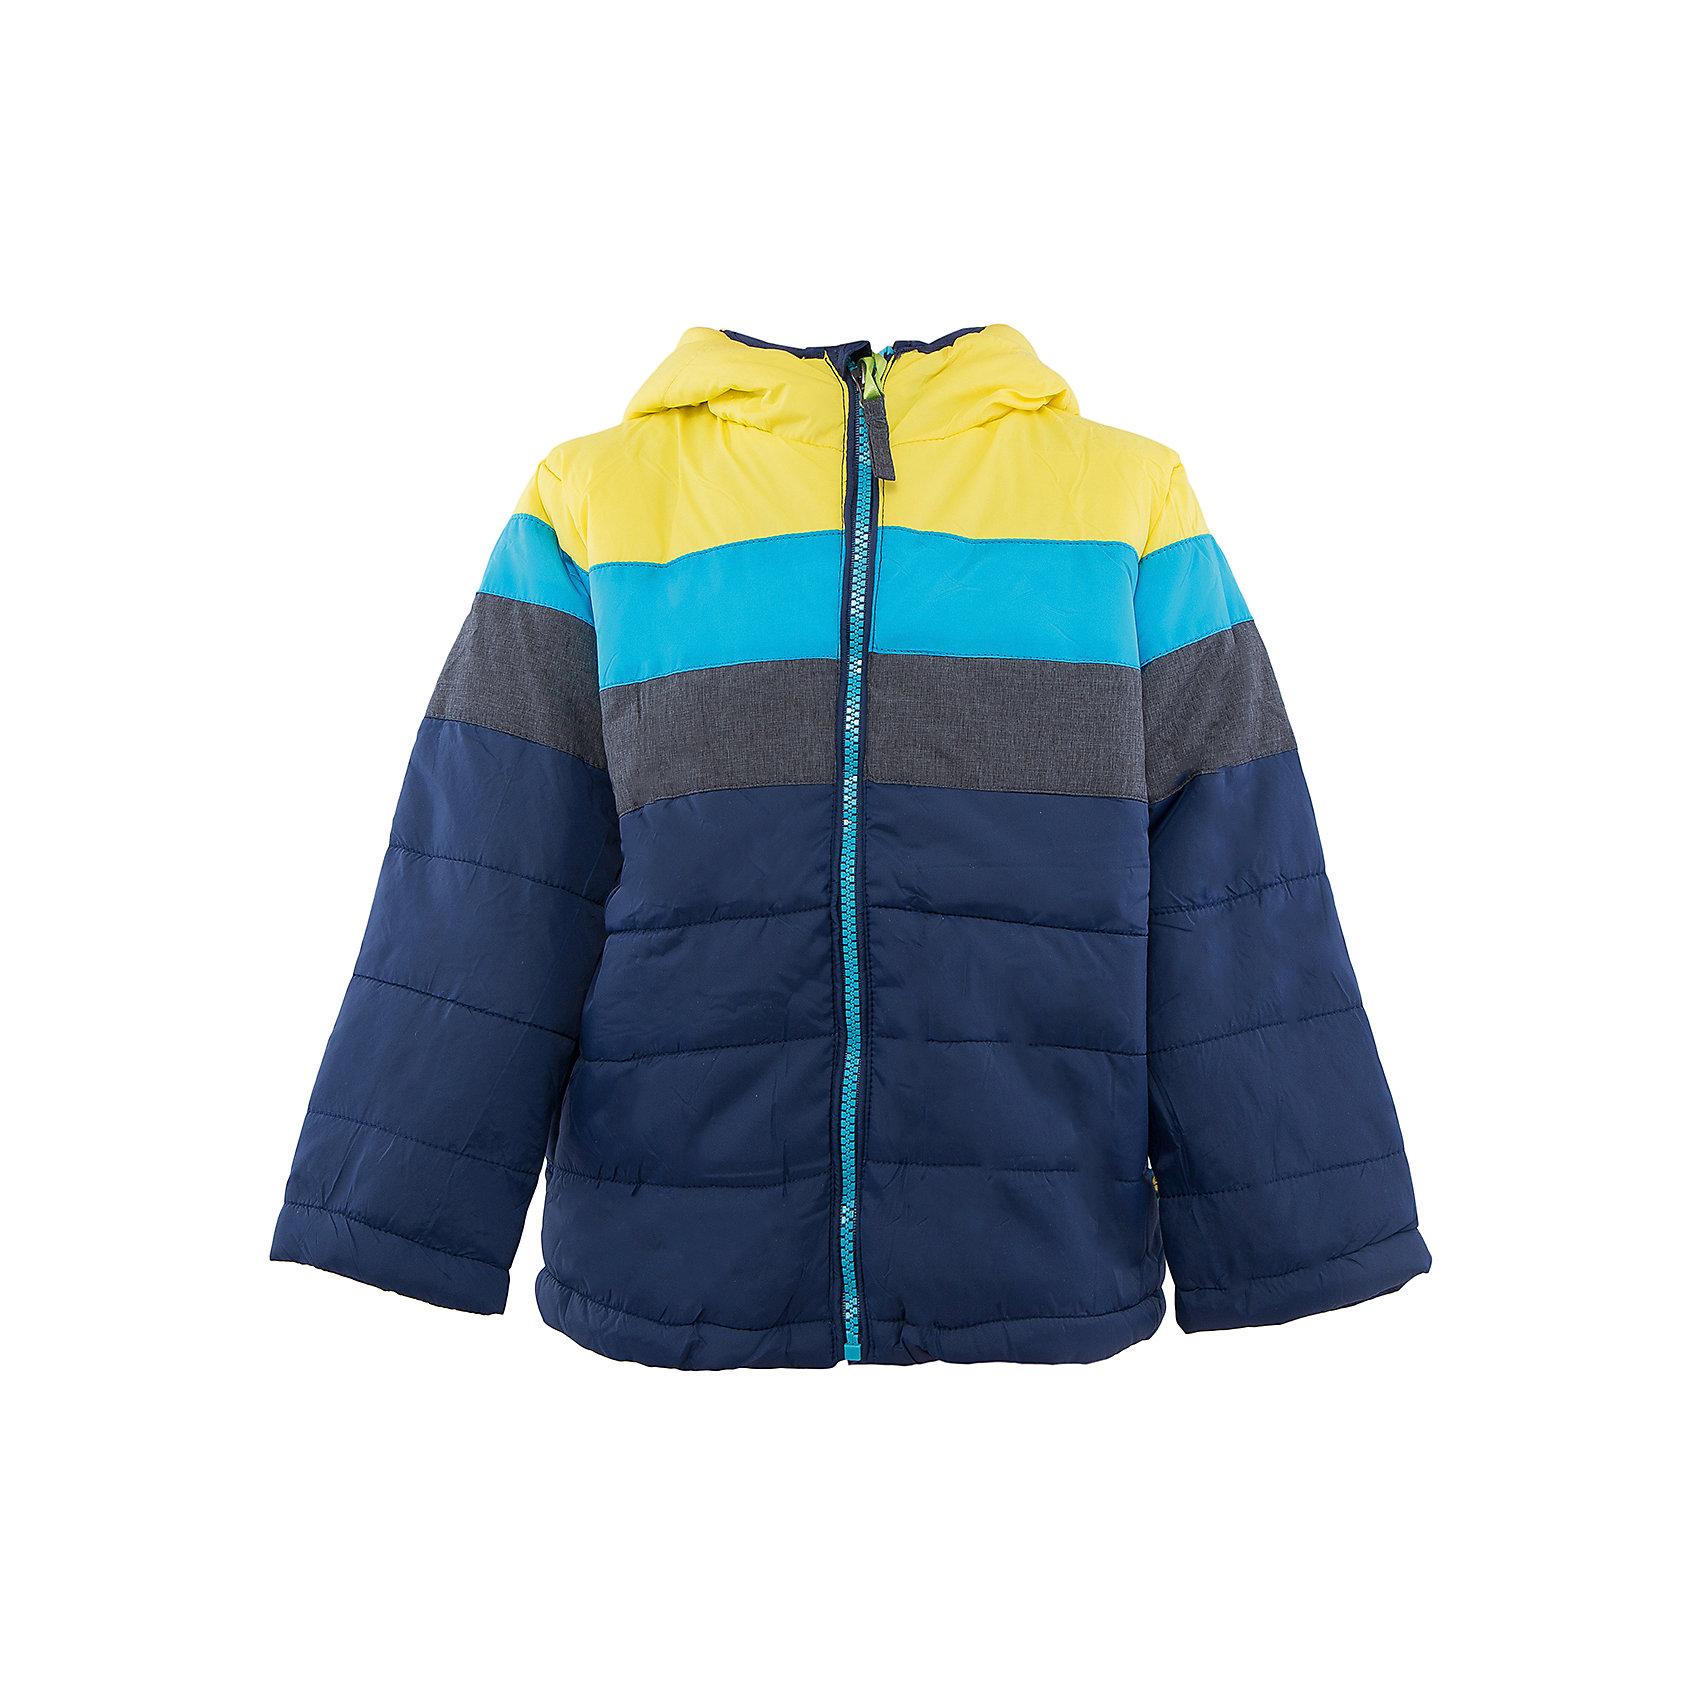 Куртка для мальчика Sweet BerryВерхняя одежда<br>Стильная утепленная куртка  торговой марки Sweet Berry прекрасно подойдет для мальчишек, изделие  выполнено в  яркой и модной расцветке. Данная модель предусматривает  капюшон и удобные прорезные карманы спереди.<br><br> Дополнительная информация:<br><br>- комплектация: куртка<br>- цвет: желтый<br>- состав:  верх: 100% нейлон, подкладка: 100% полиэстер, наполнитель: 100% полиэстер<br>- длина рукава: длинные<br>- вид застежки: молния<br>- тип карманов: прорезные<br>- длина изделия: по спинке: 42 см<br>- покрой: прямой<br>- утеплитель: синтепух<br>- материал подкладки: флис: 100 %<br>- фактура материала: гладкий<br>- уход за вещами: бережная стирка при t не более 40с<br>- рисунок: без рисунка<br>- плотность: утеплителя: 160 г/кв.м<br>- назначение: повседневная<br>- характеристика утеплителя: fill power: 450 куб. дюйм на унцию<br>- сезон: демисезон<br>- пол: мальчики<br><br>Куртка для мальчика  торговой марки Sweet Berry можно купить в нашем интернет-магазине.<br><br>Ширина мм: 356<br>Глубина мм: 10<br>Высота мм: 245<br>Вес г: 519<br>Цвет: желтый<br>Возраст от месяцев: 24<br>Возраст до месяцев: 36<br>Пол: Мужской<br>Возраст: Детский<br>Размер: 98,80,86,92<br>SKU: 4929752